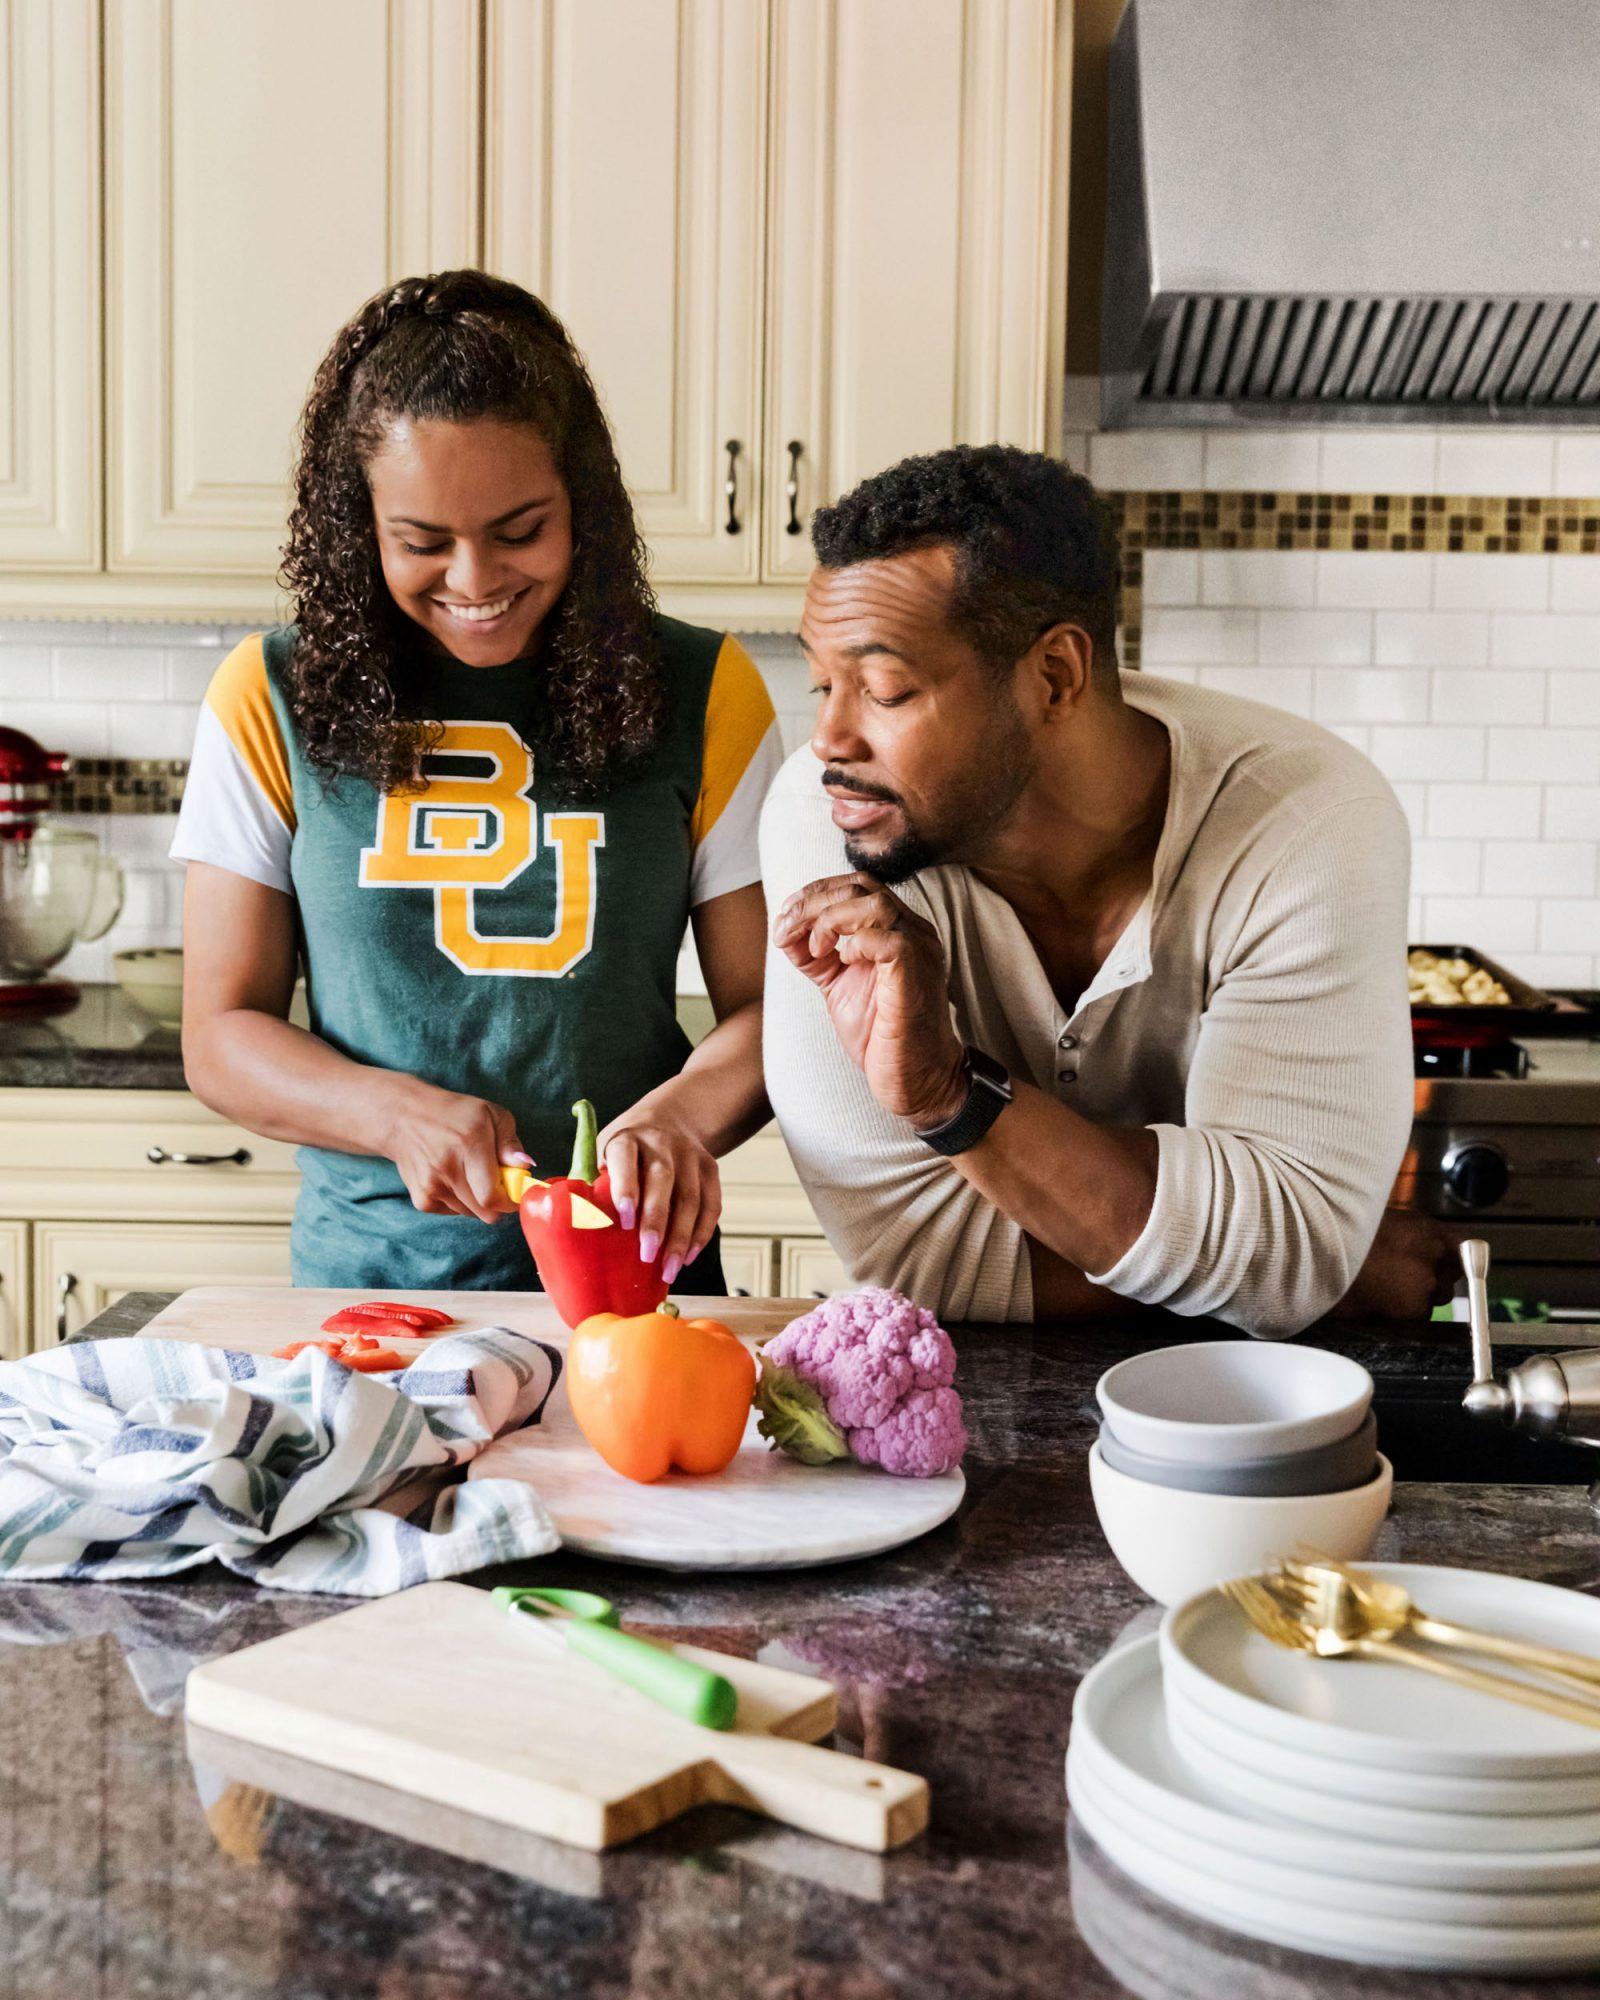 Isaiah Mustafa and daughter preparing vegetables